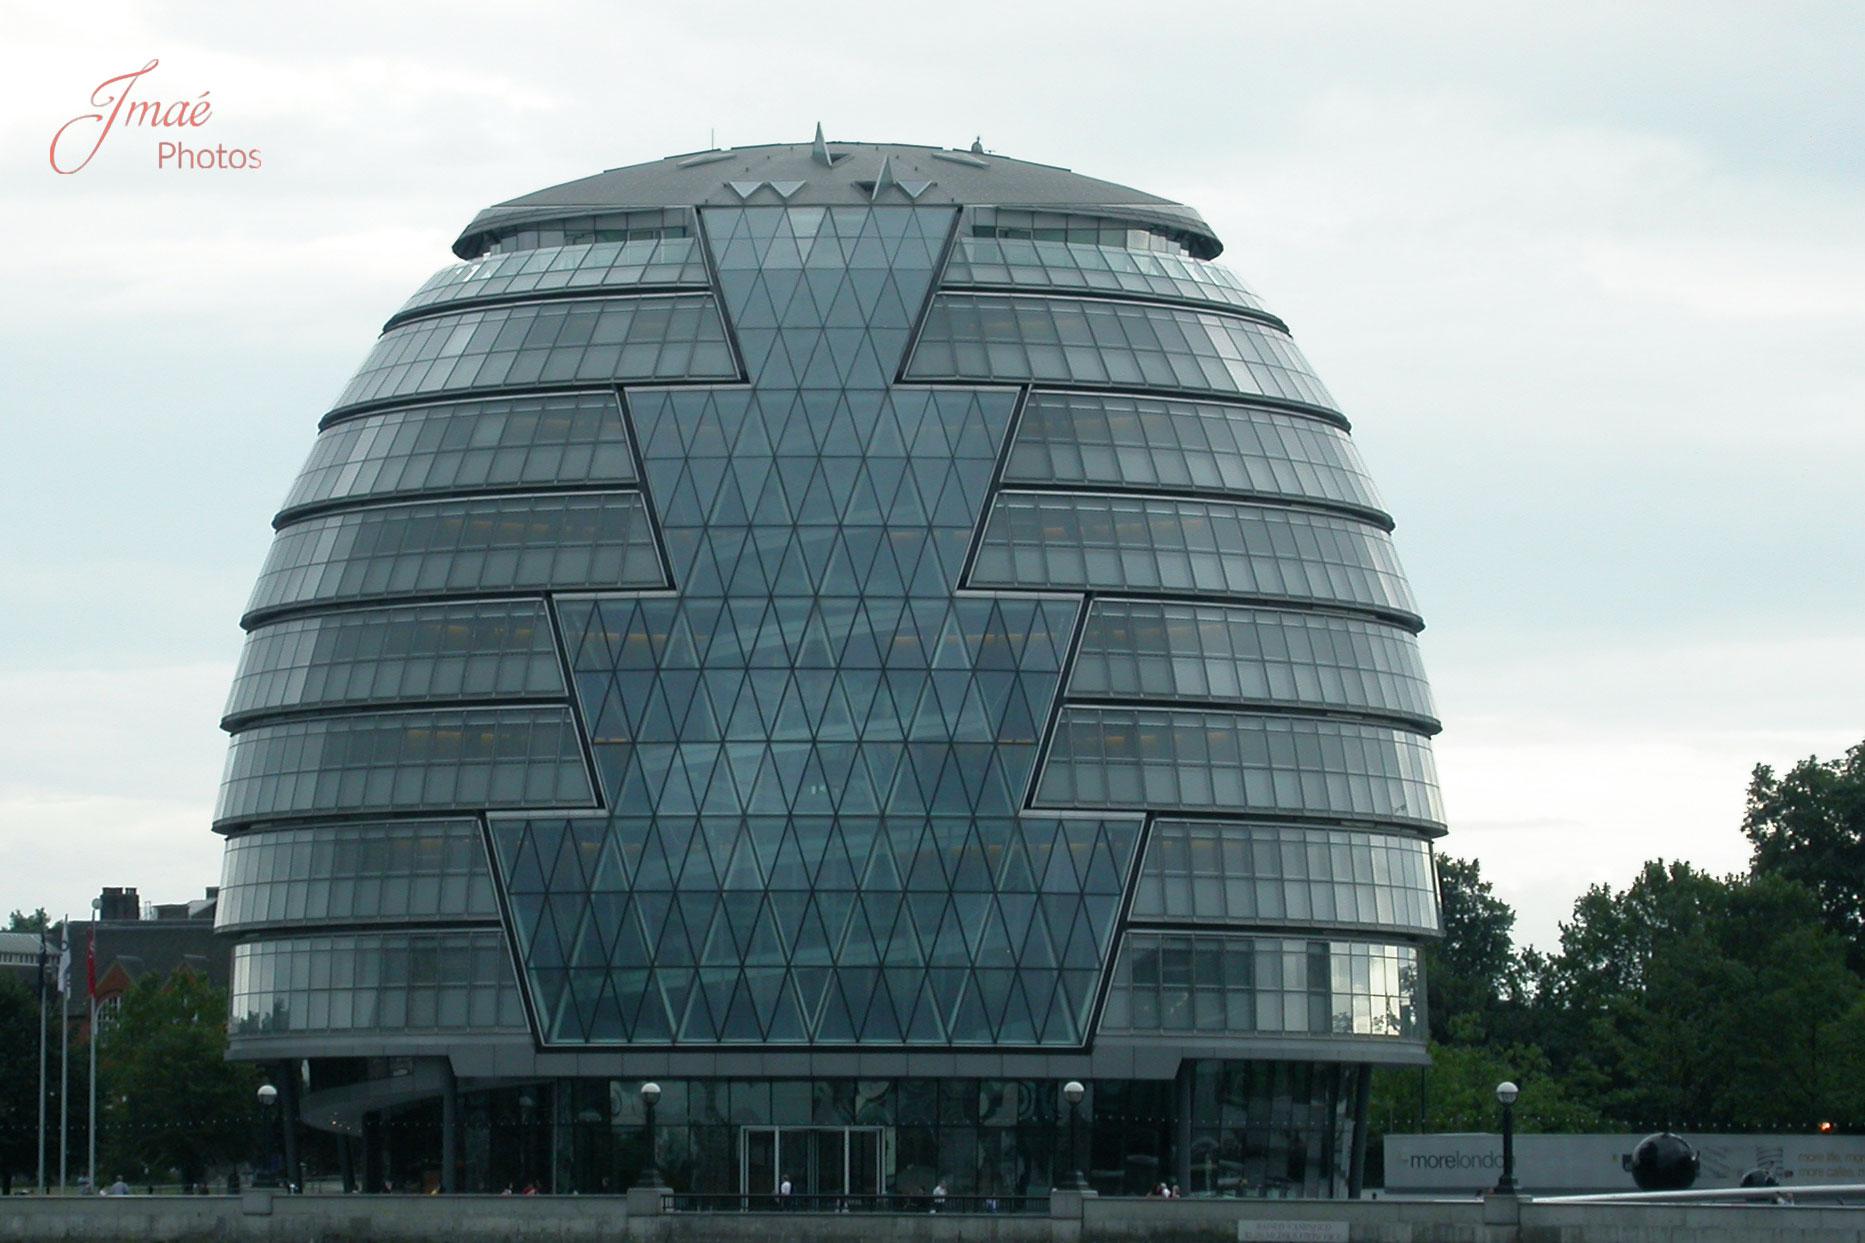 photo architecture moderne bulding et bâtiment Imaé Photos